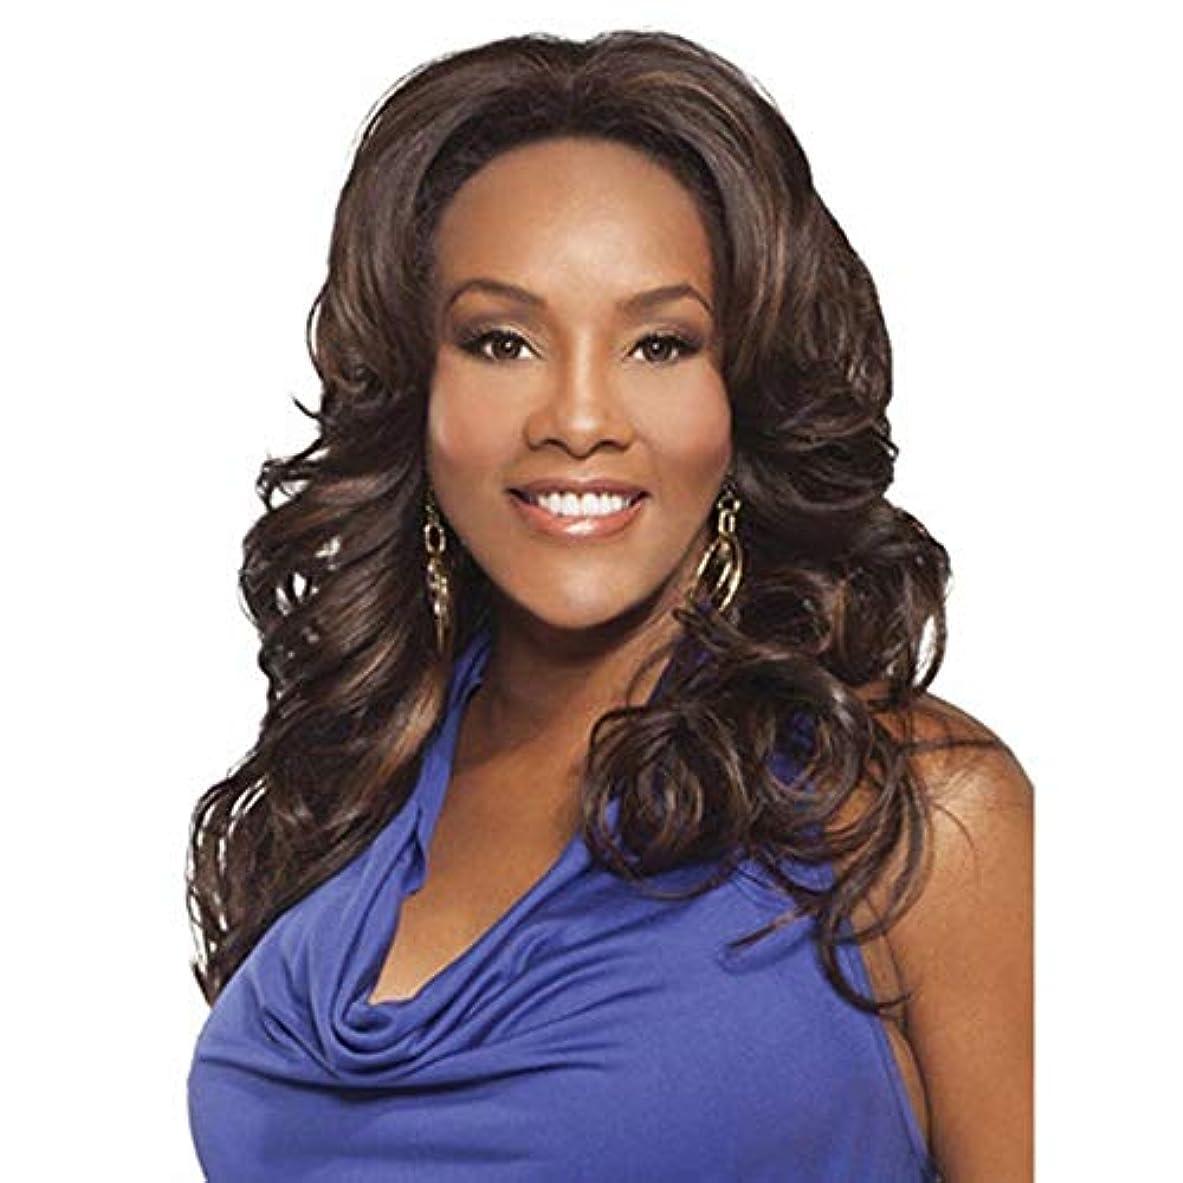 家主感動する日焼けWASAIO 黒人女性完全な頭部の髪ダークブラウンコスプレパーティーウィッグまたは日常生活+無料ウィッグキャップ用ウィッグ (色 : ブラウン)